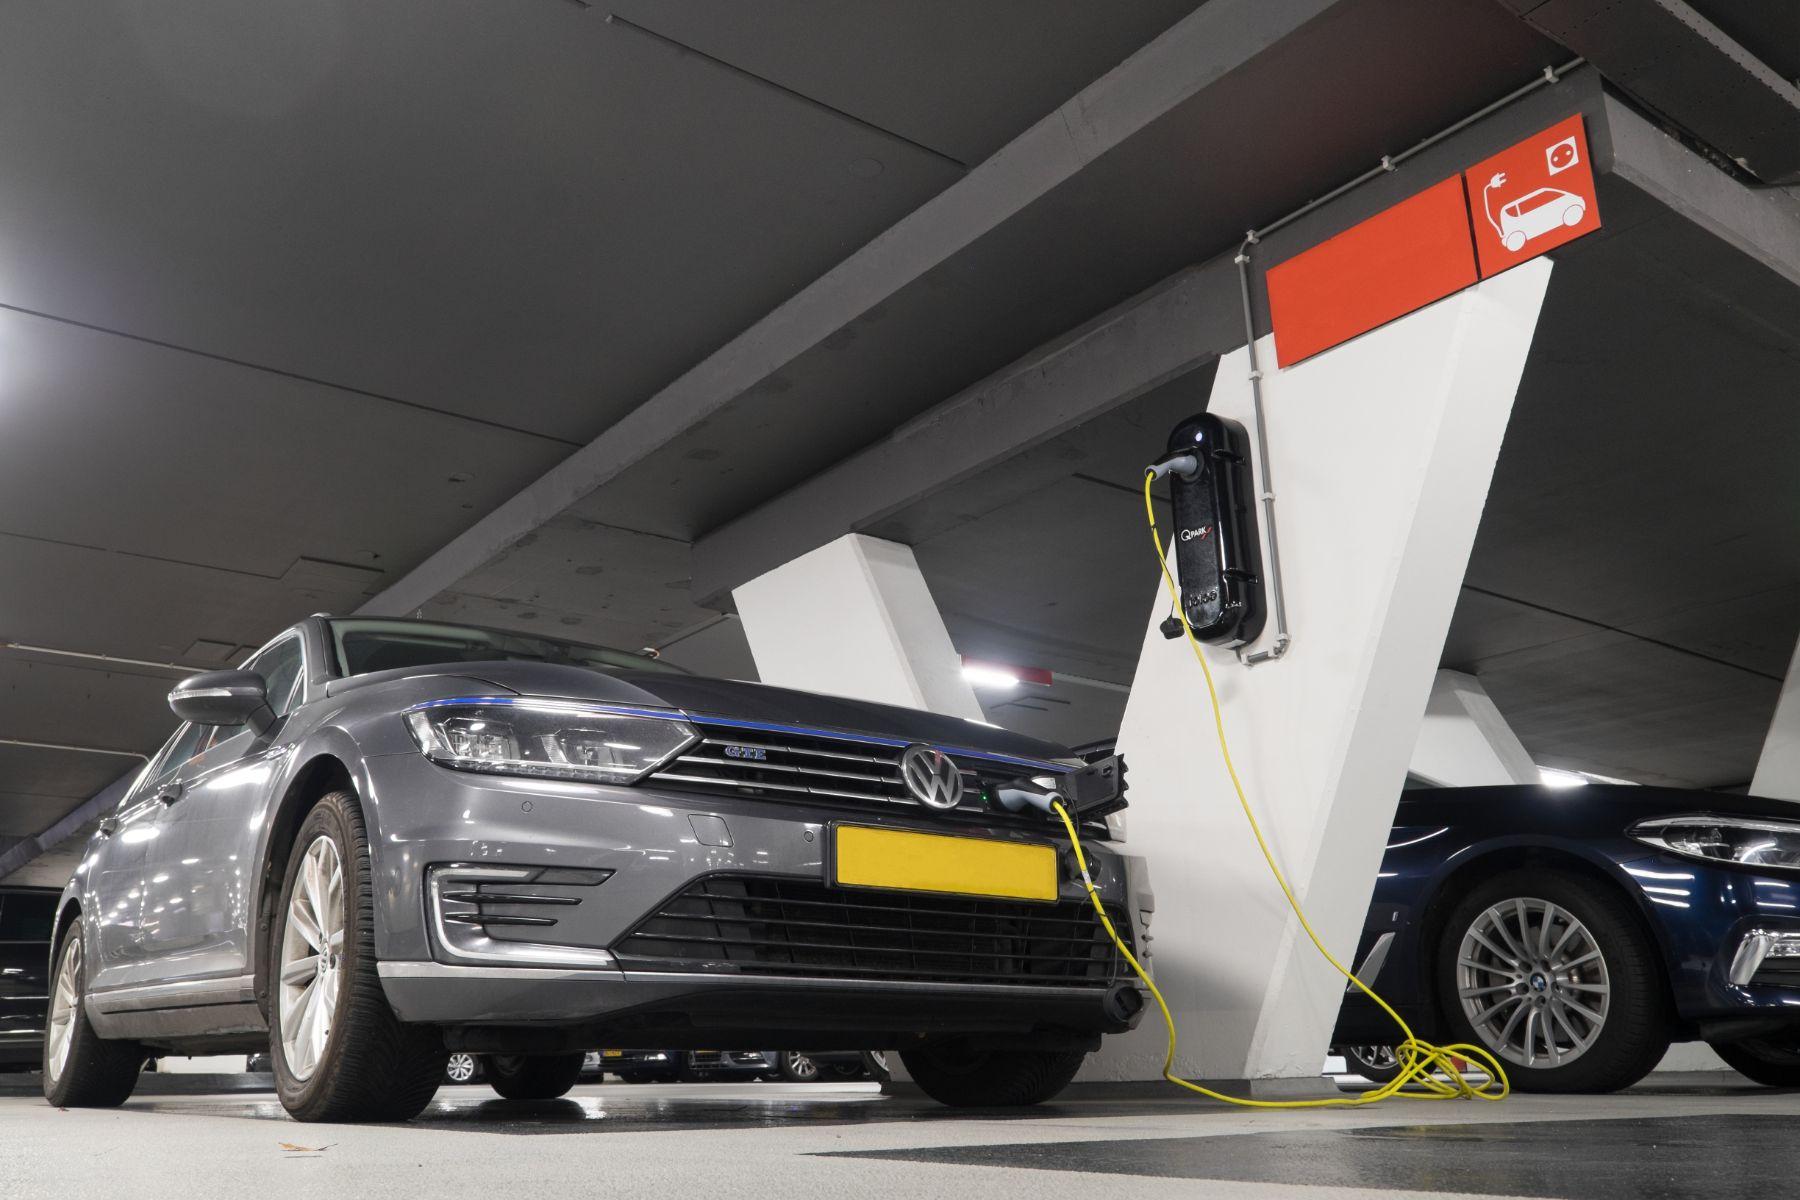 volkswagen cinza em garagem com carregador para carros eletricos